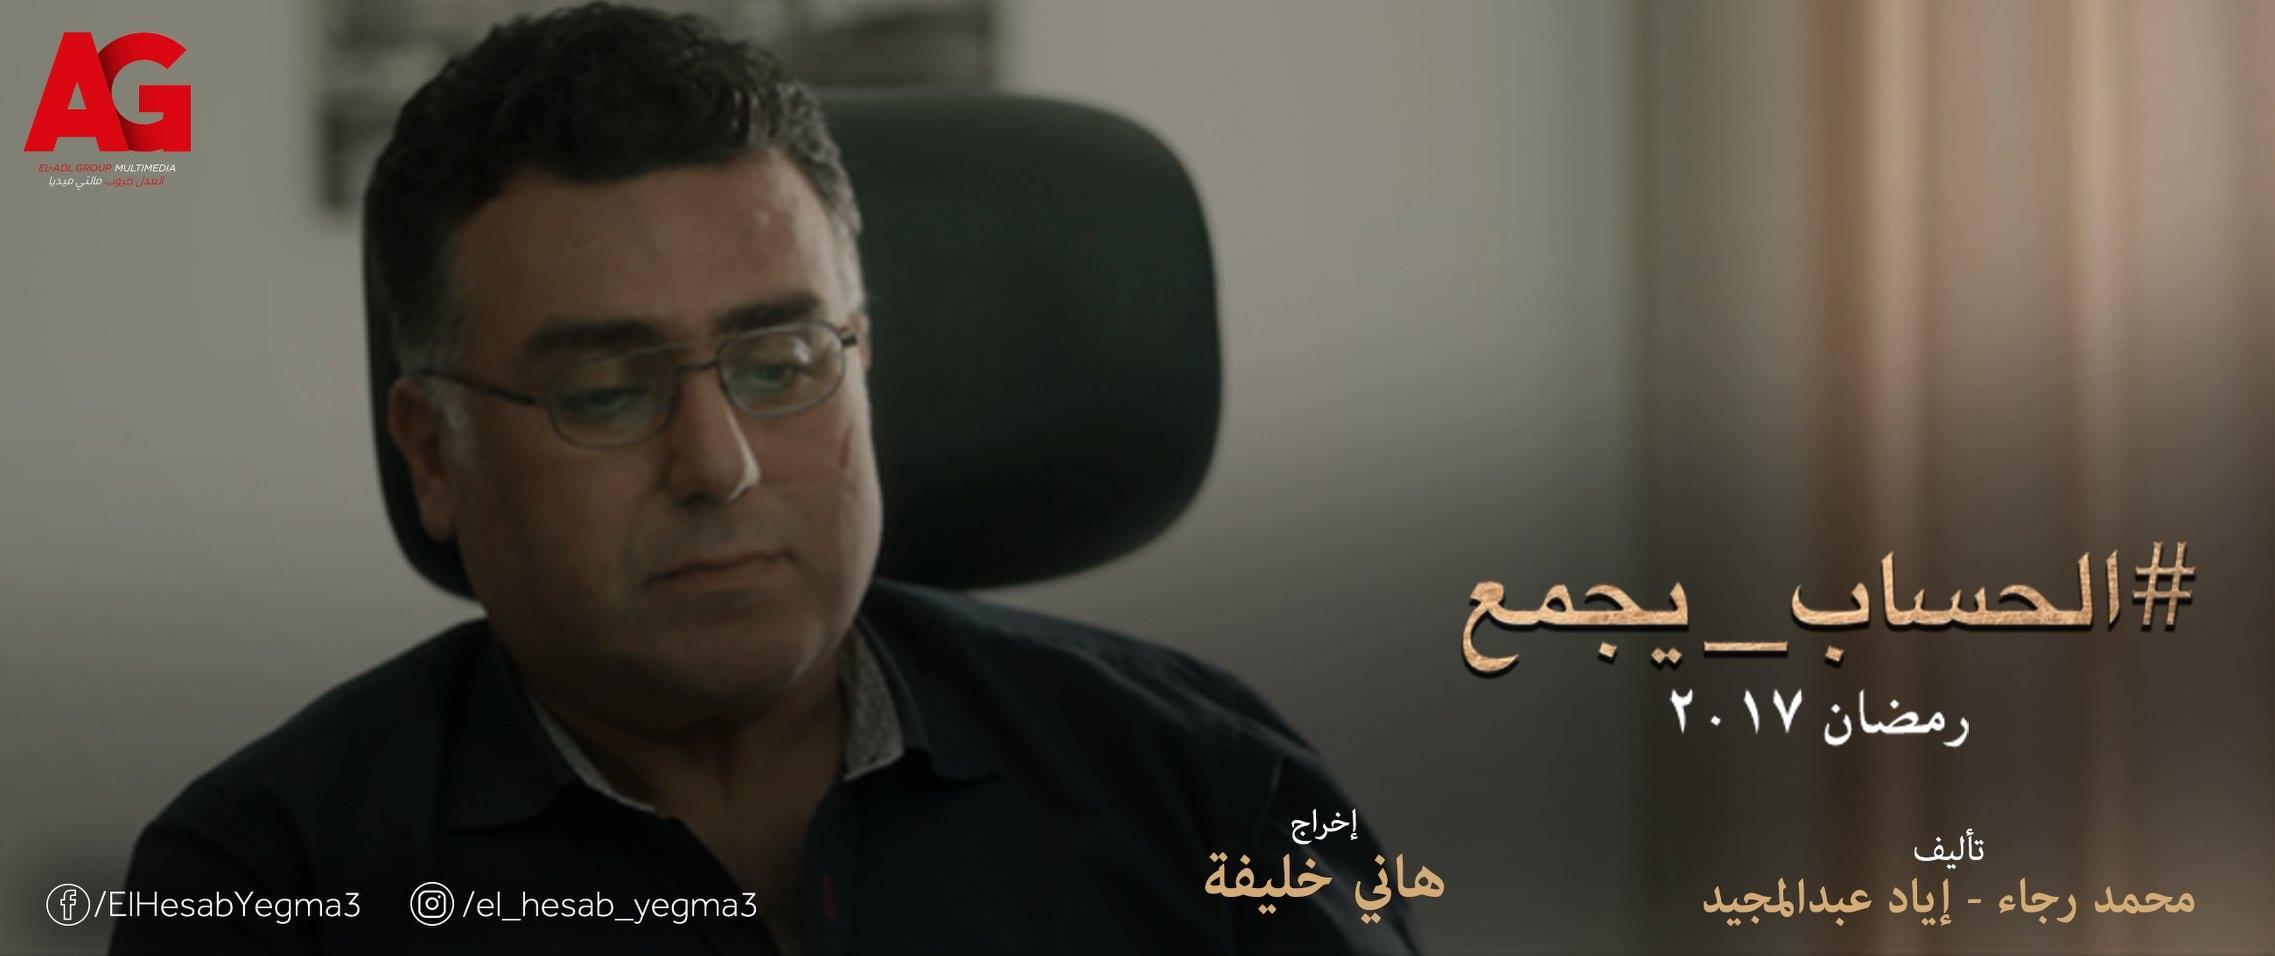 يسرا تساعد ندى موسى في الحلقة 21 من مسلسل الحساب يجمع